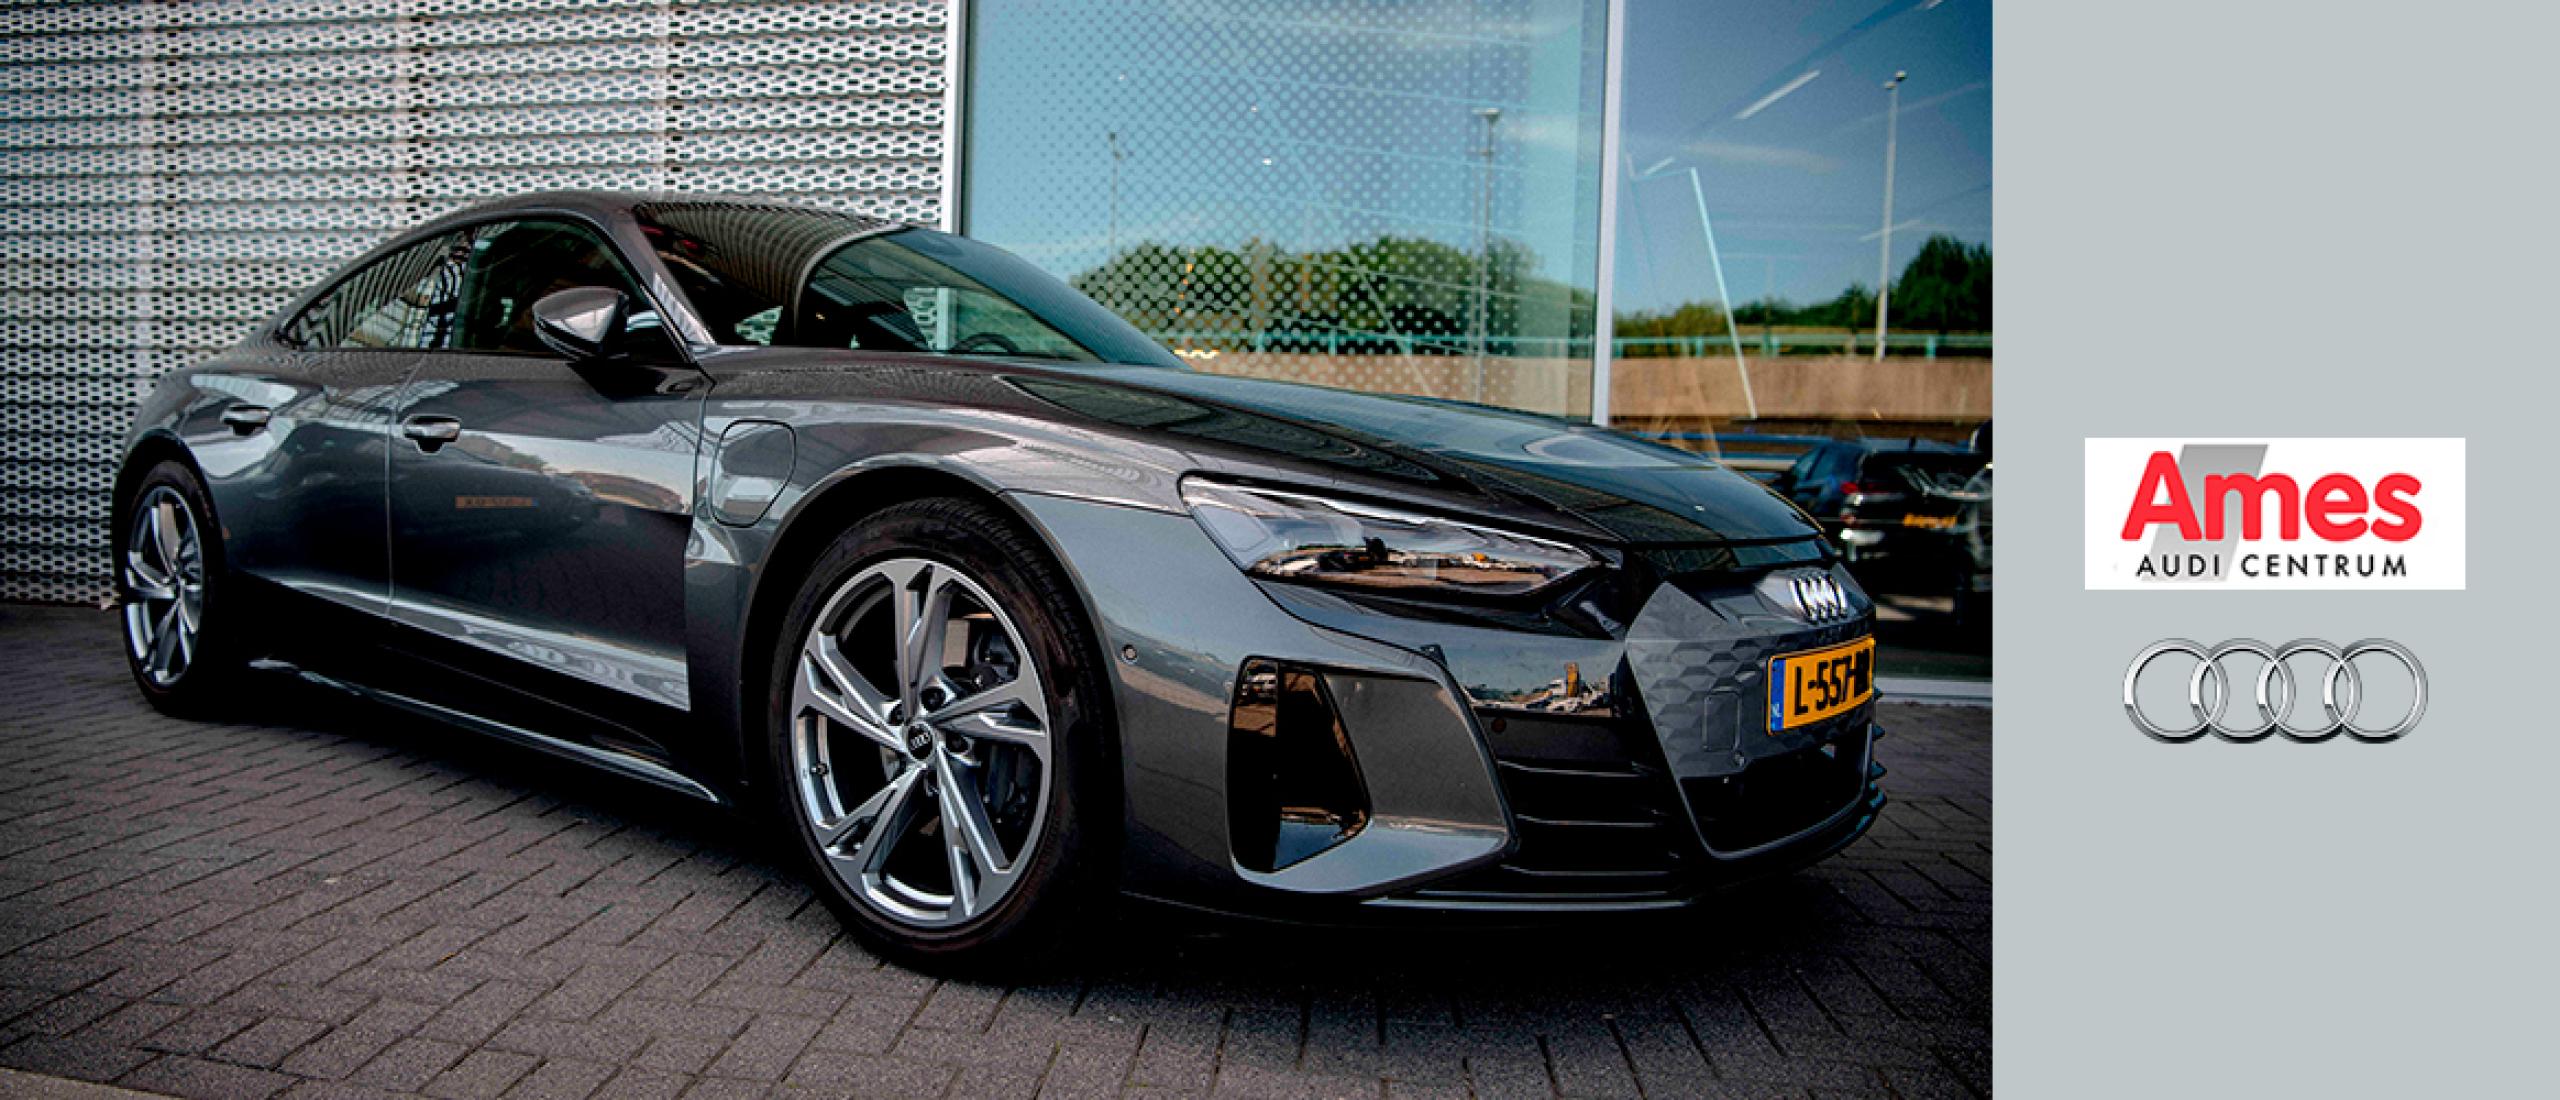 Reportage Ames Audi Centrum Dordrecht